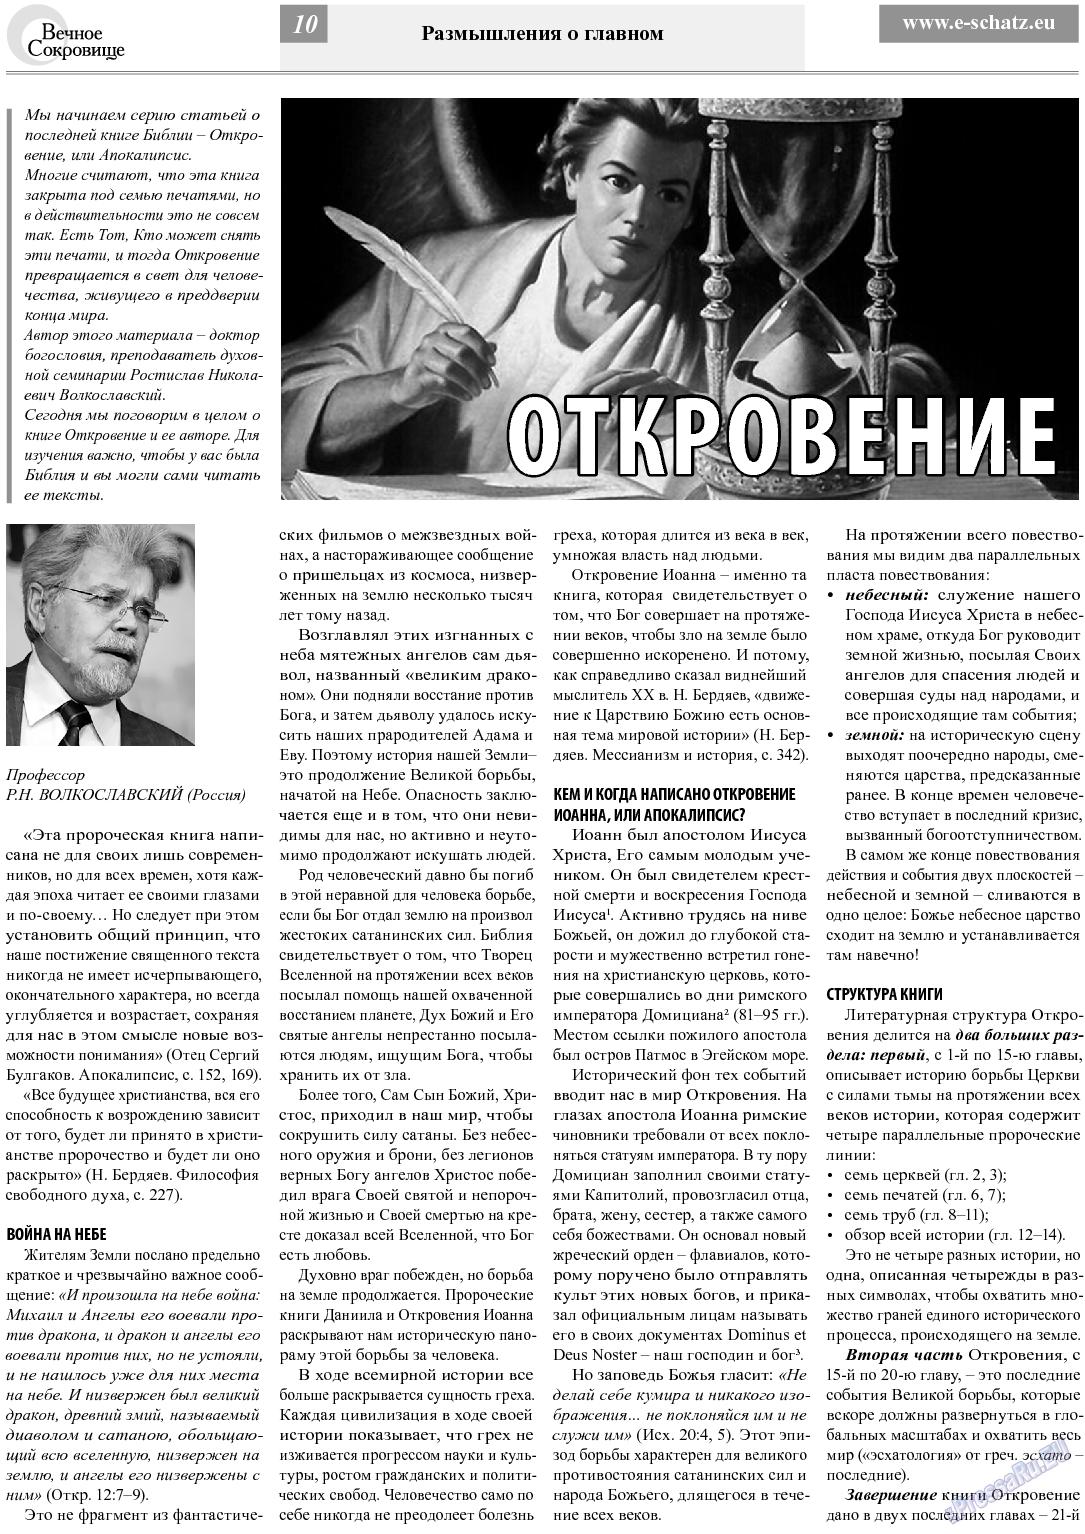 Вечное сокровище (газета). 2013 год, номер 5, стр. 10